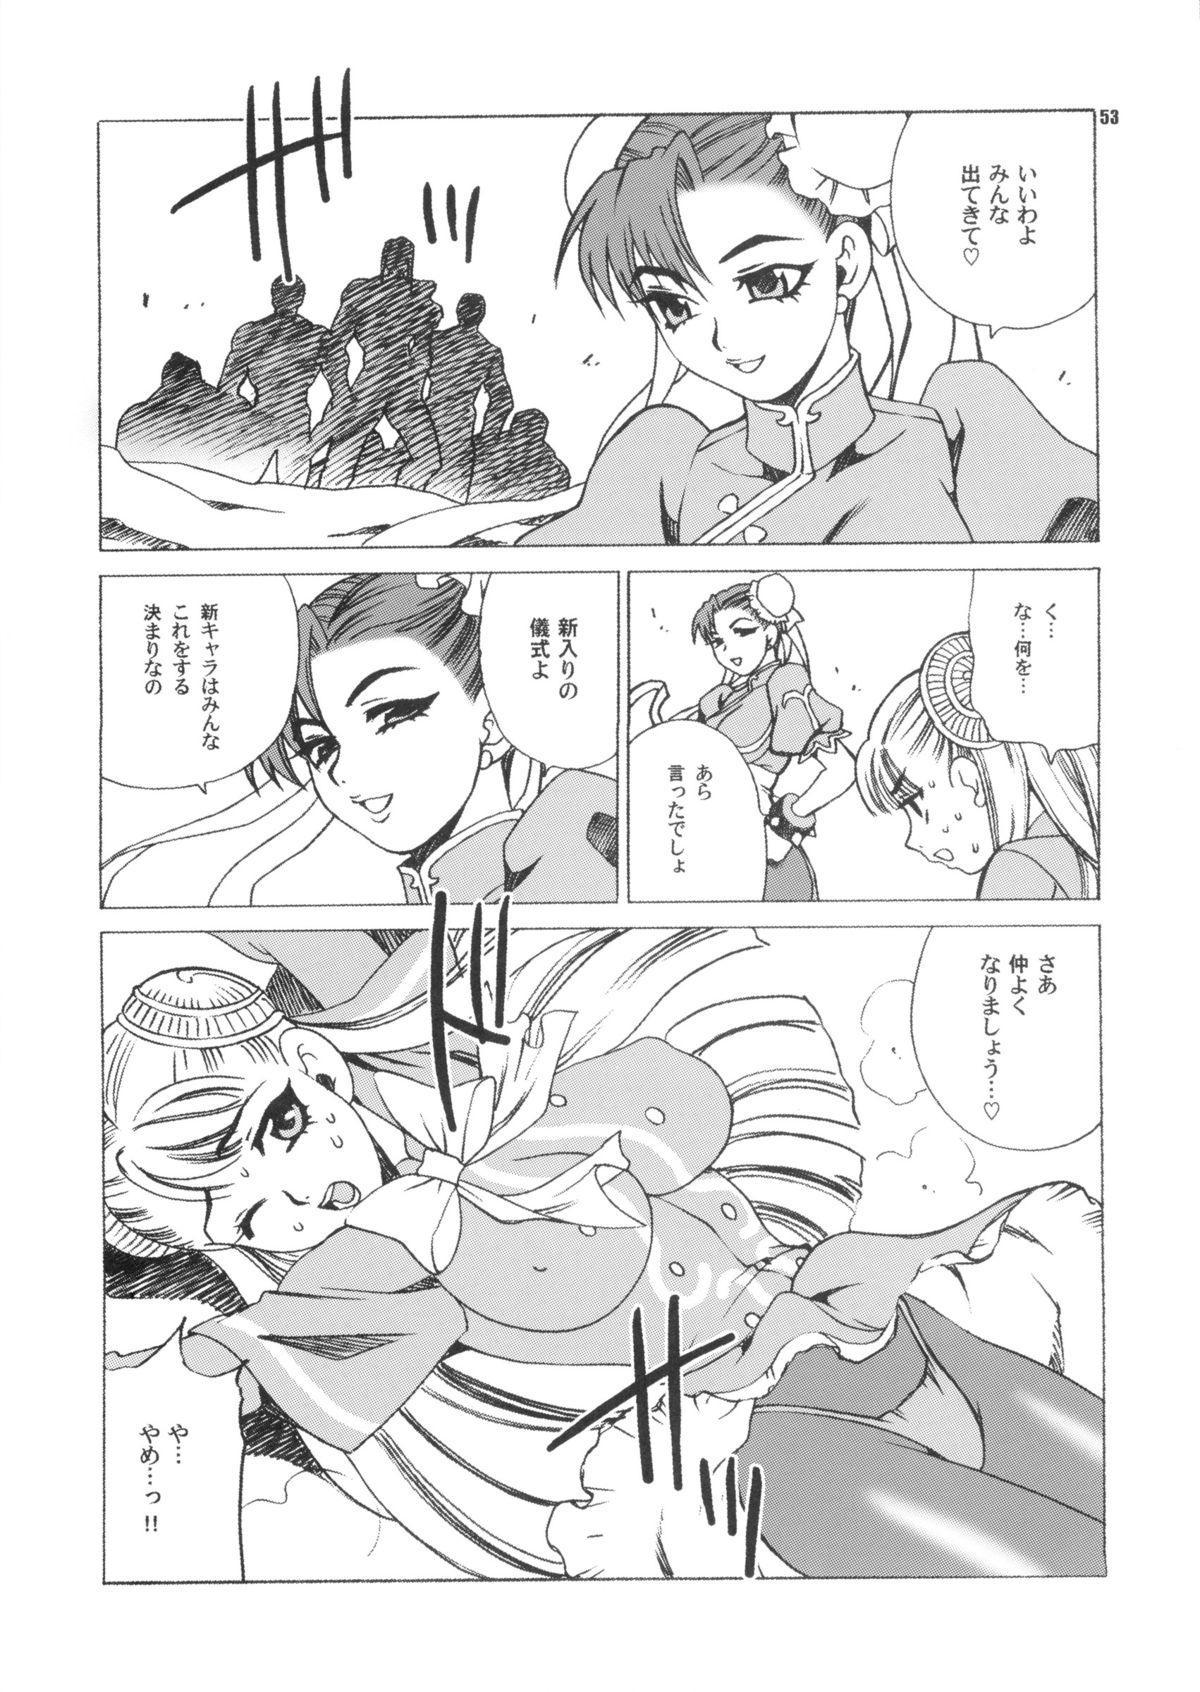 Yukiyanagi no Hon 28 Chun-Li Matome 52